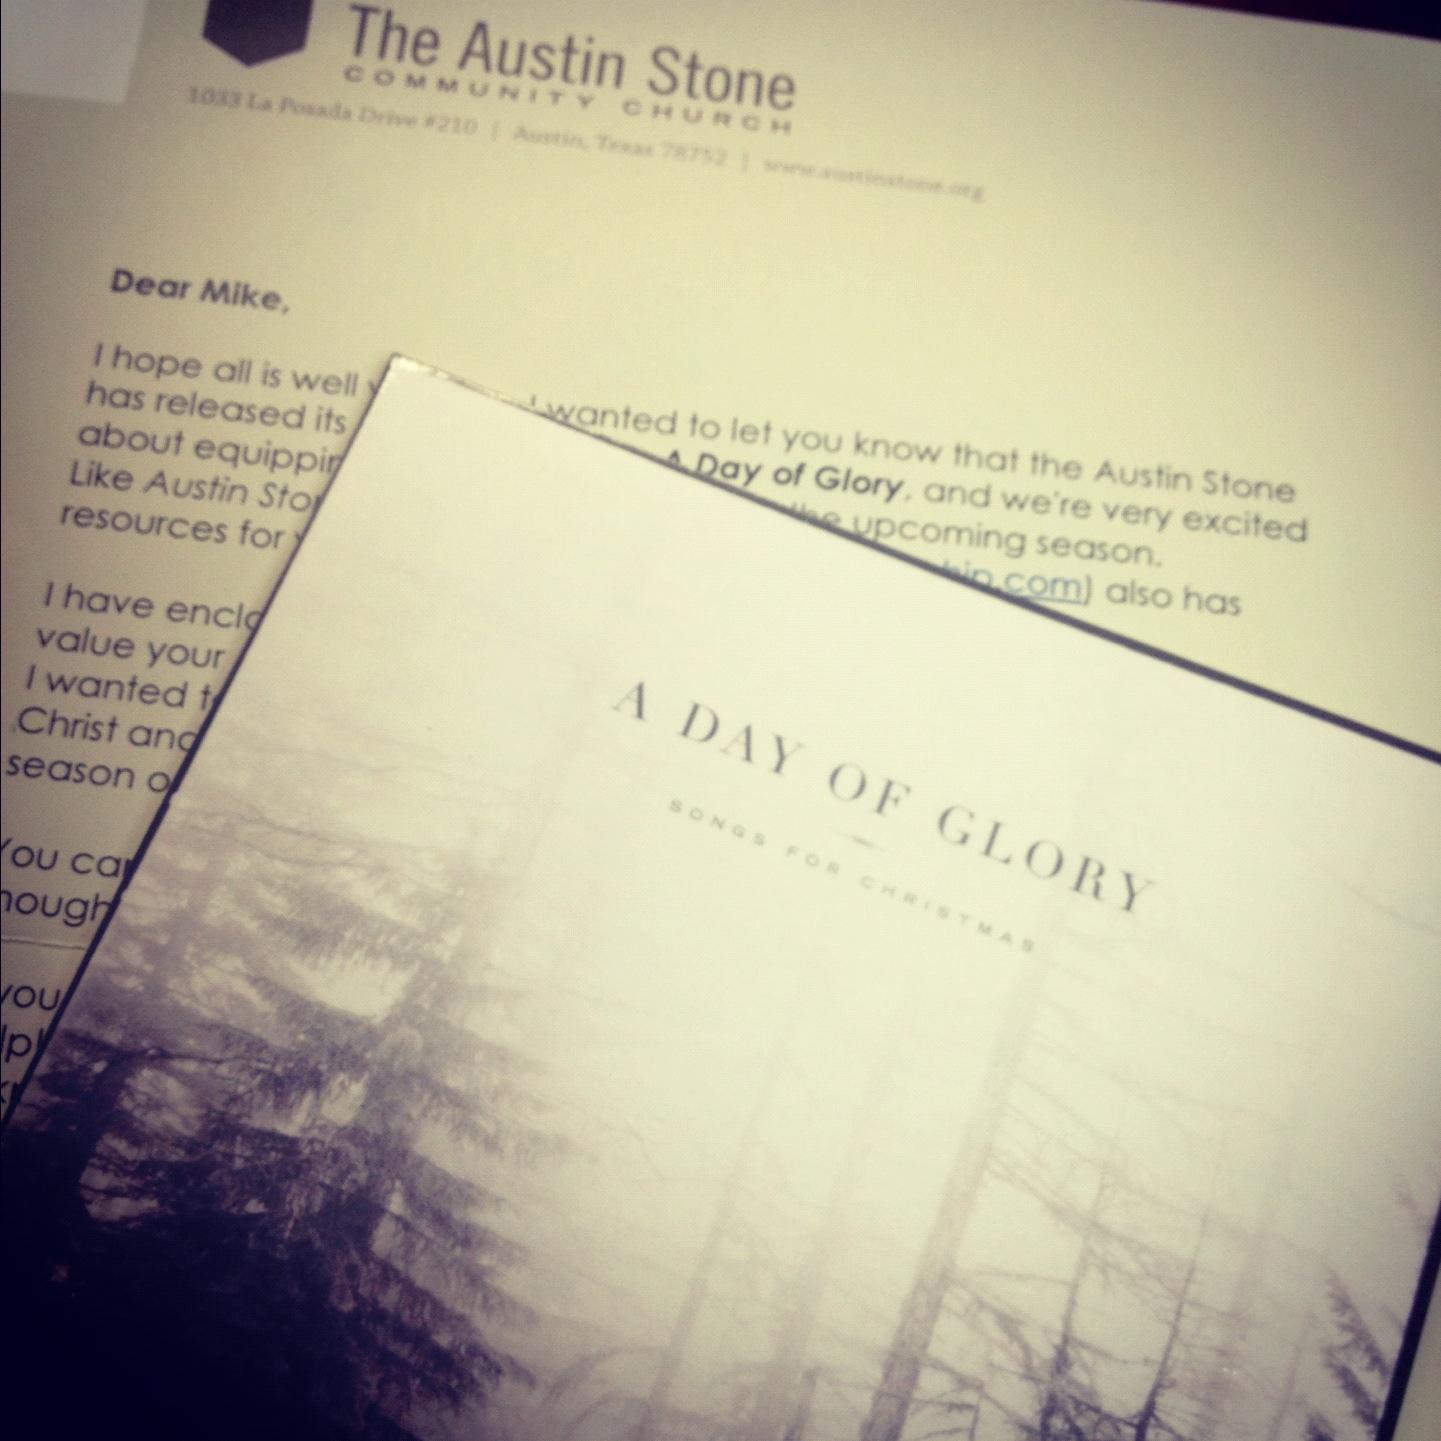 The Austin Stone Worship